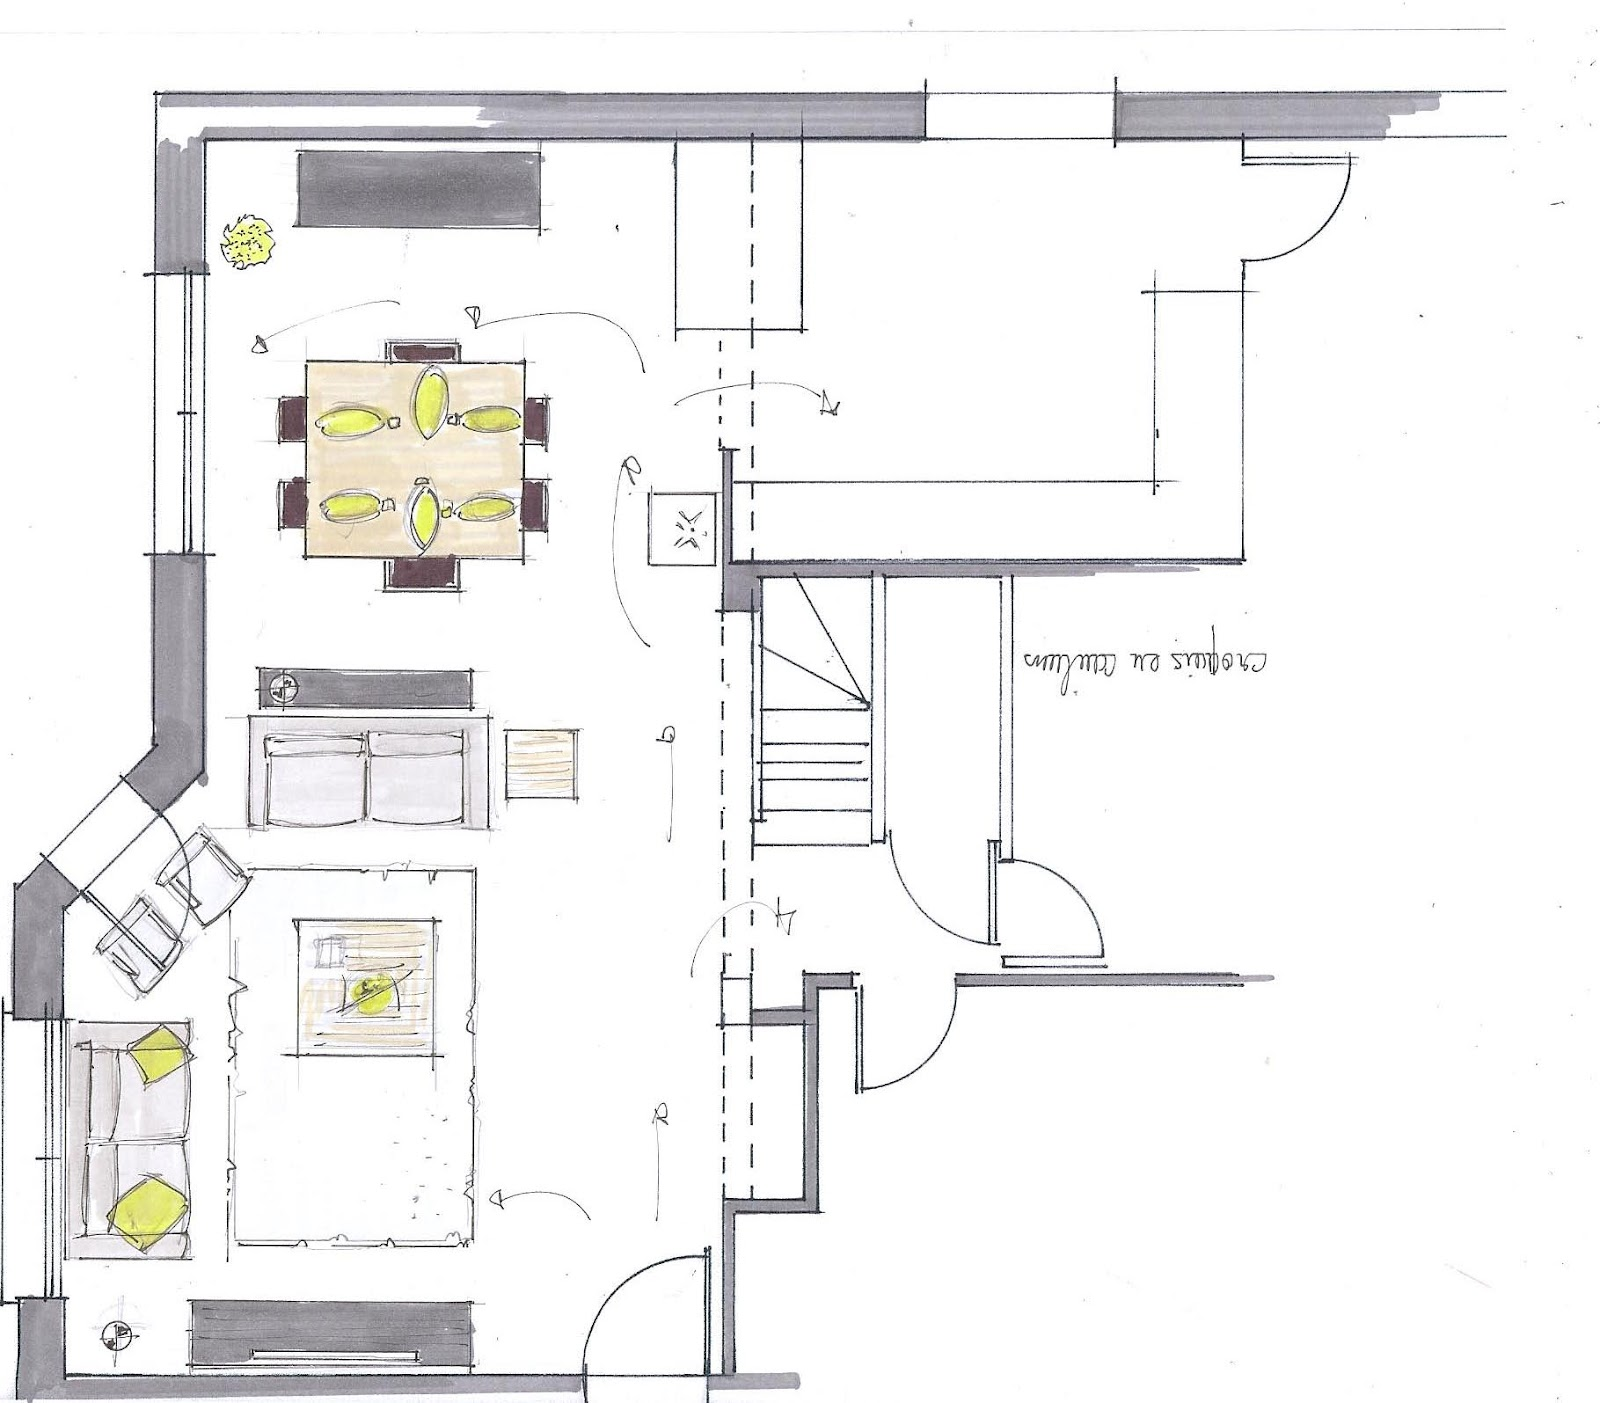 Dessins croquis d coratrice vannes corinne le dorze for Architecte d interieur france 5